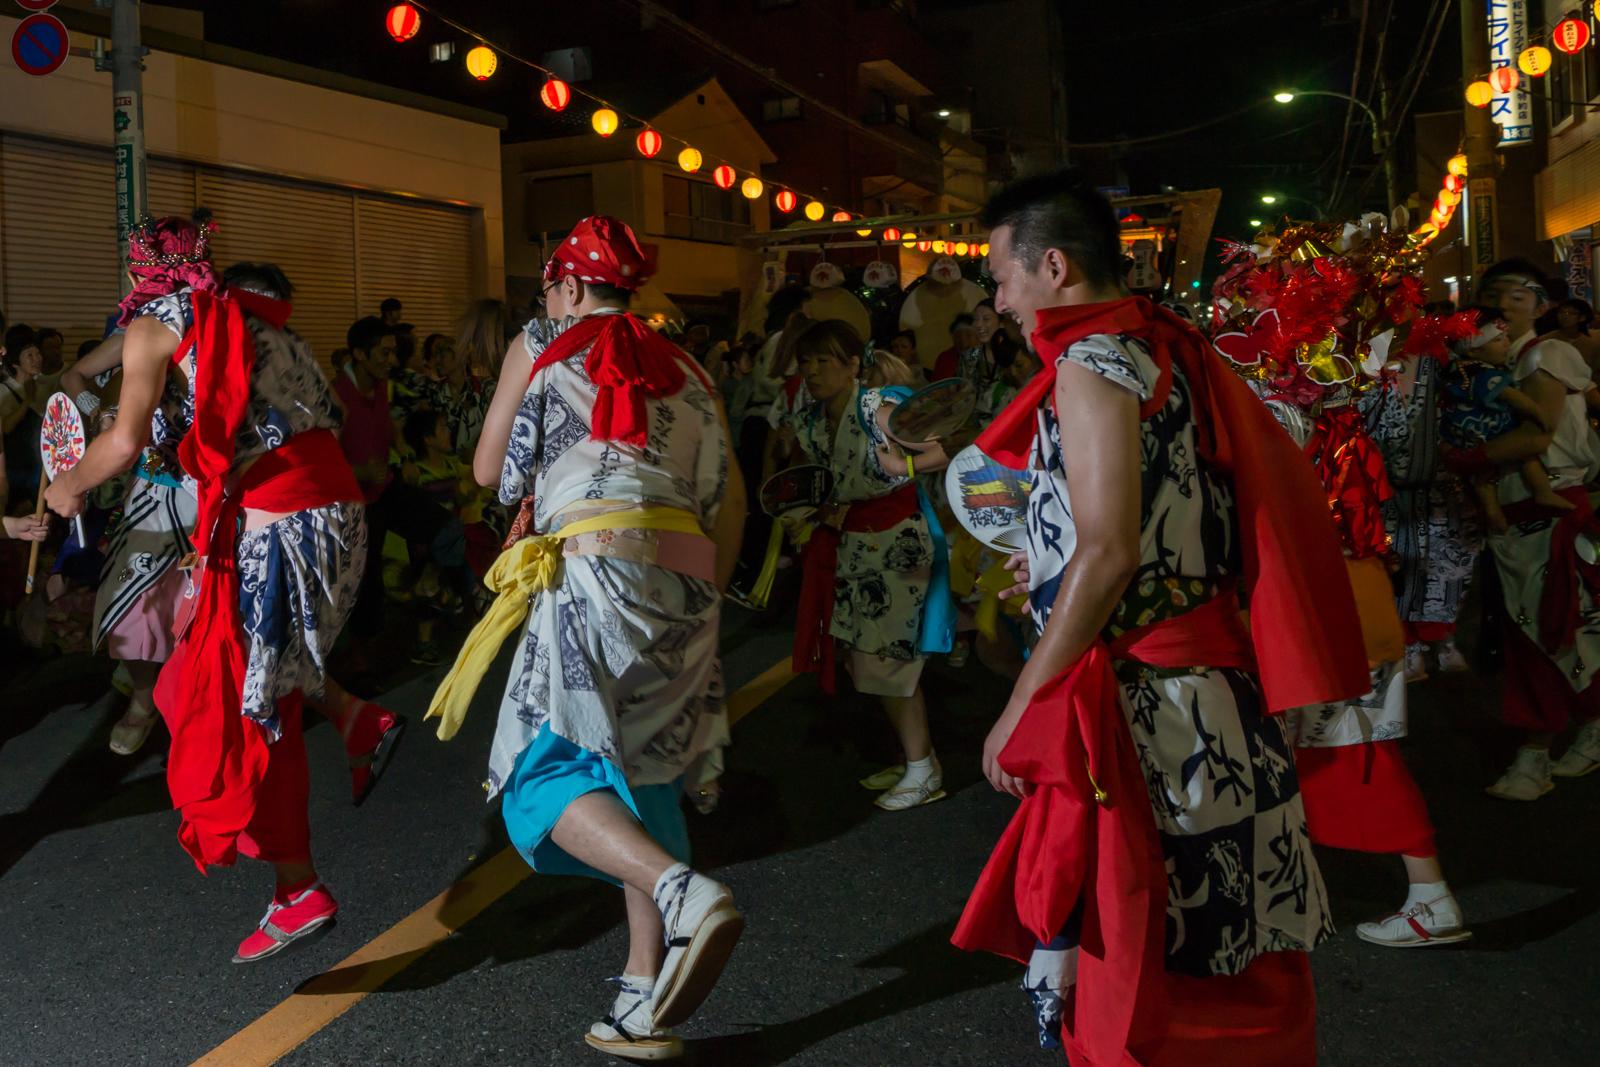 立川、羽衣ねぶた祭 跳人の写真